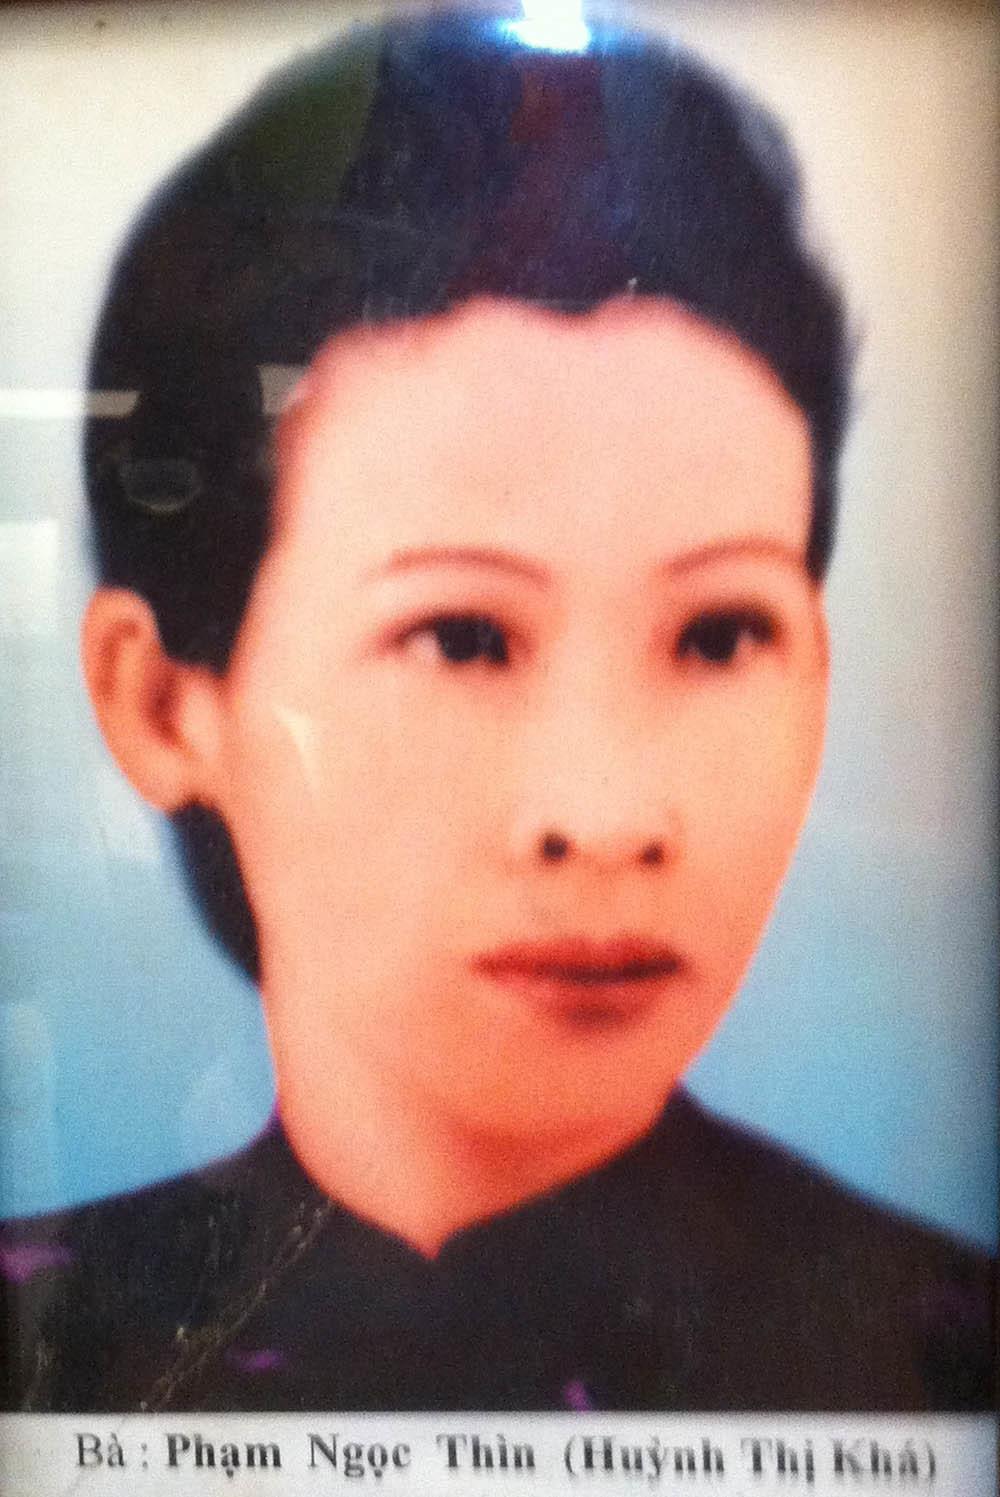 Bà Huỳnh Thị Khá (tức tài tử Quỳnh Khanh), vợ ông Phạm Ngọc Thìn.